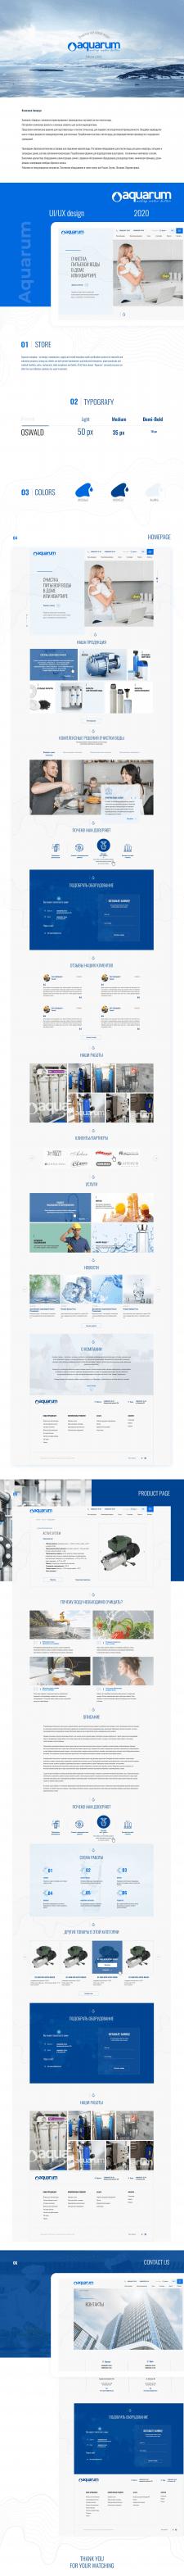 UI/UX дизайн для компании по очистке воды